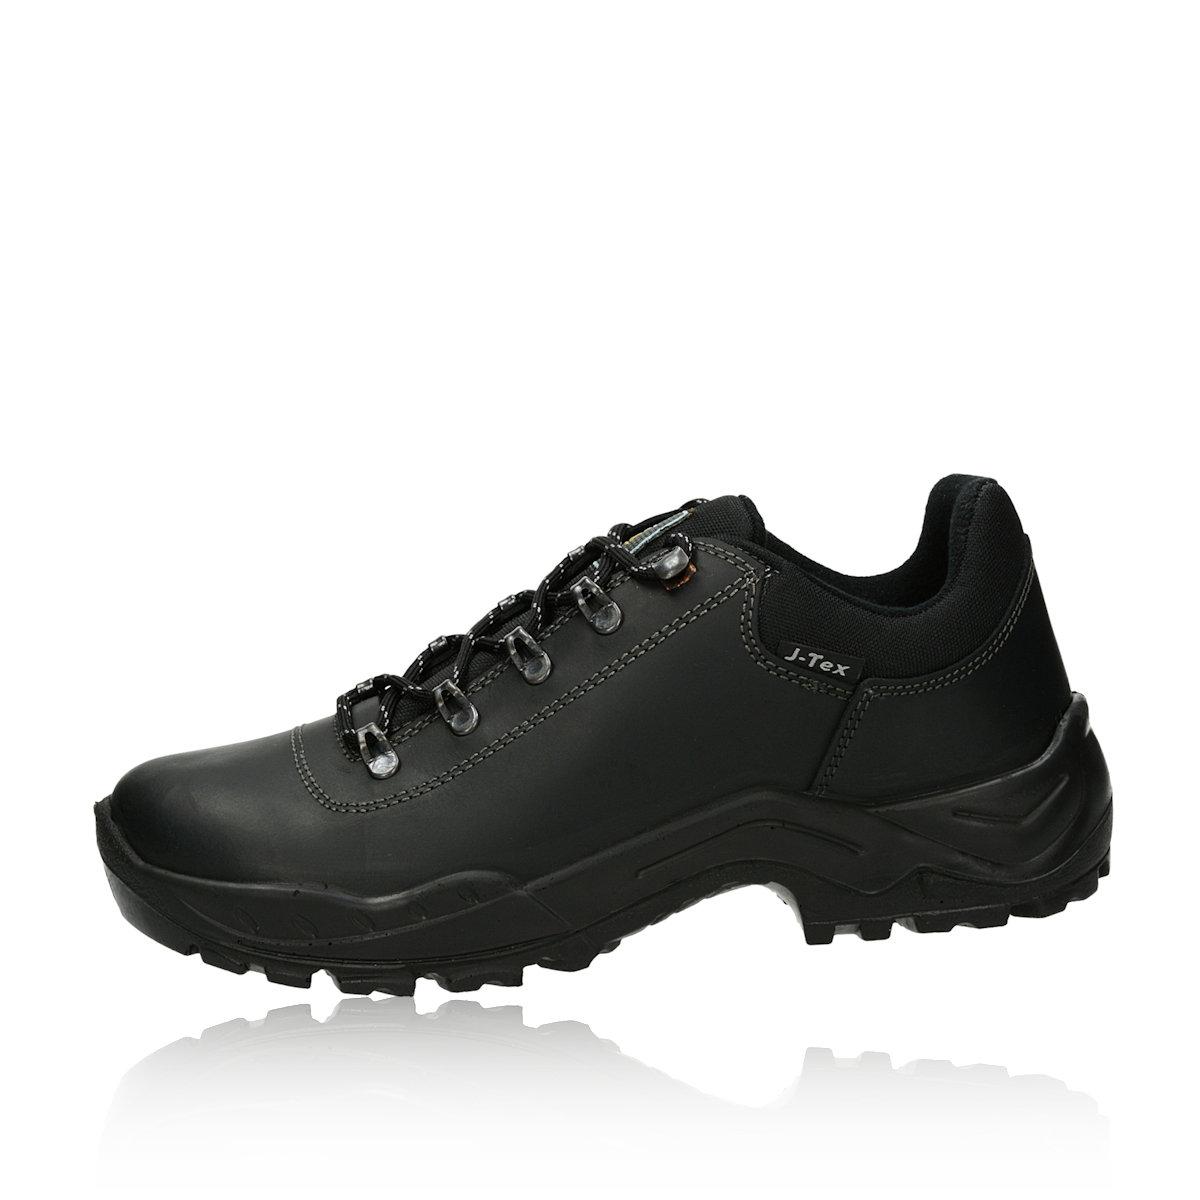 54442fefeb05b M&G pánske trekingové tenisky - čierne M&G pánske trekingové tenisky -  čierne ...